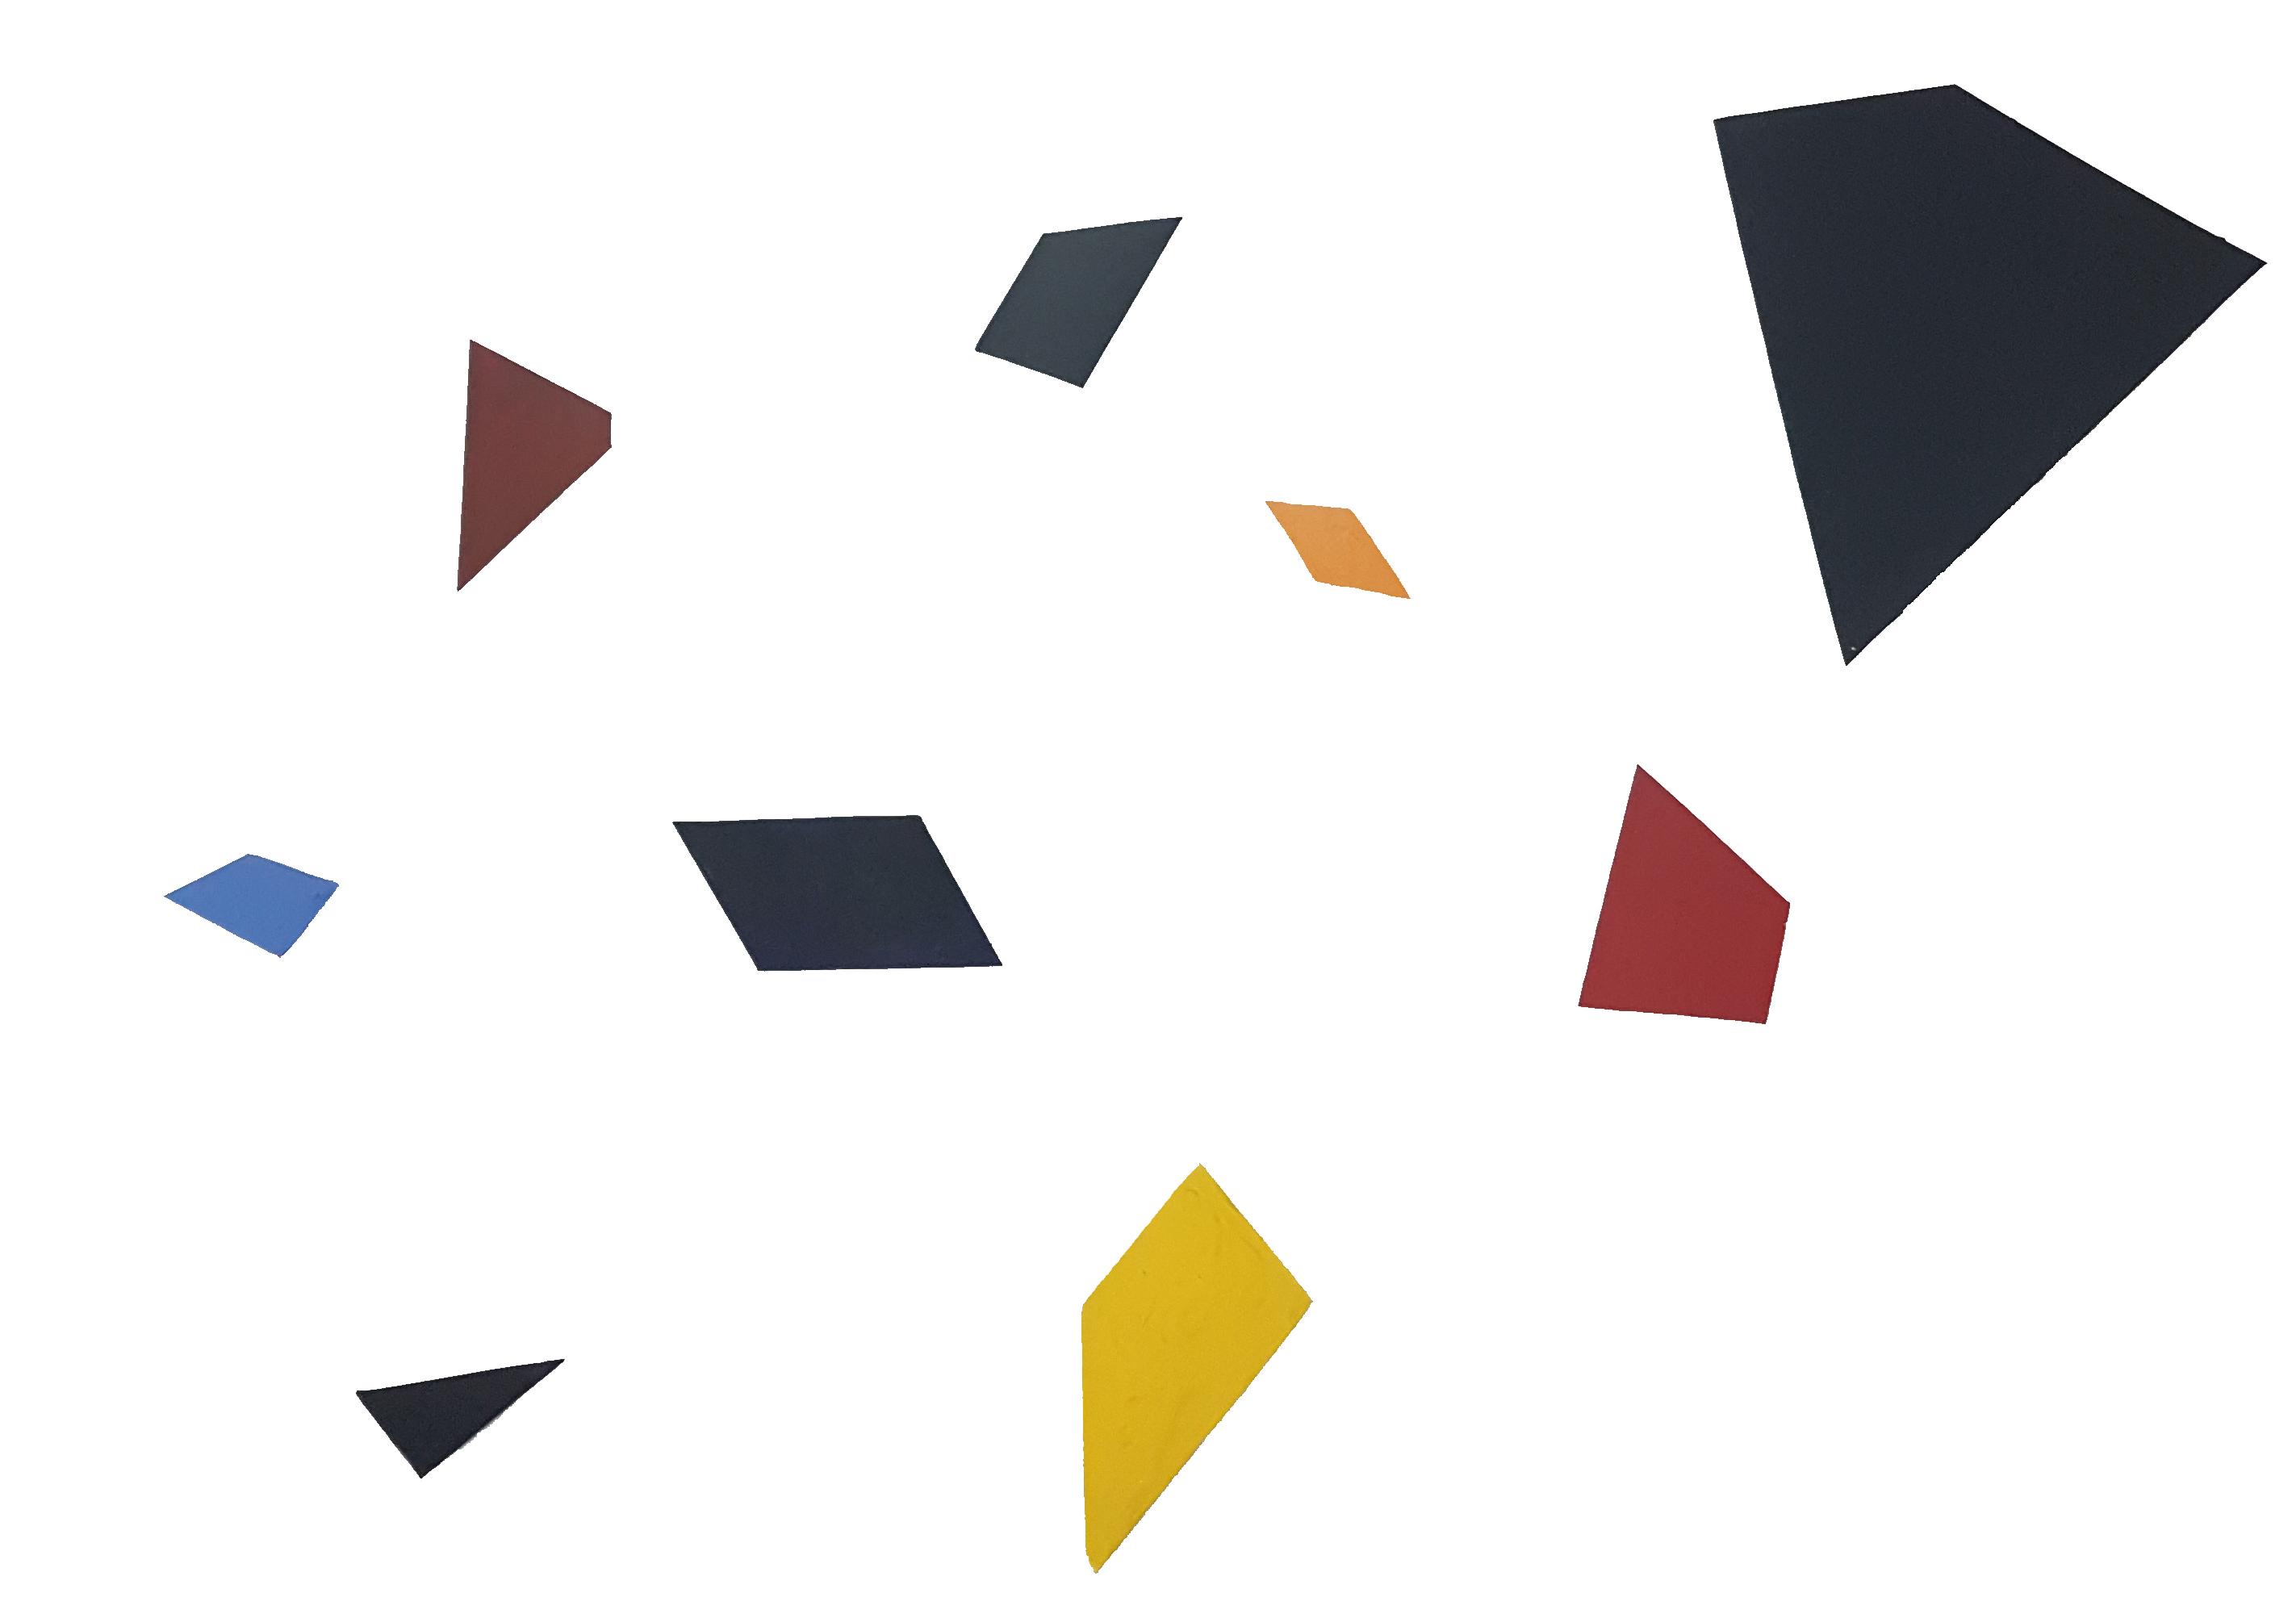 Arthur Luiz Piza, Particules Libres, Conjunto de 9 elementos de zinco pintado em acrílica, dimensões diversas